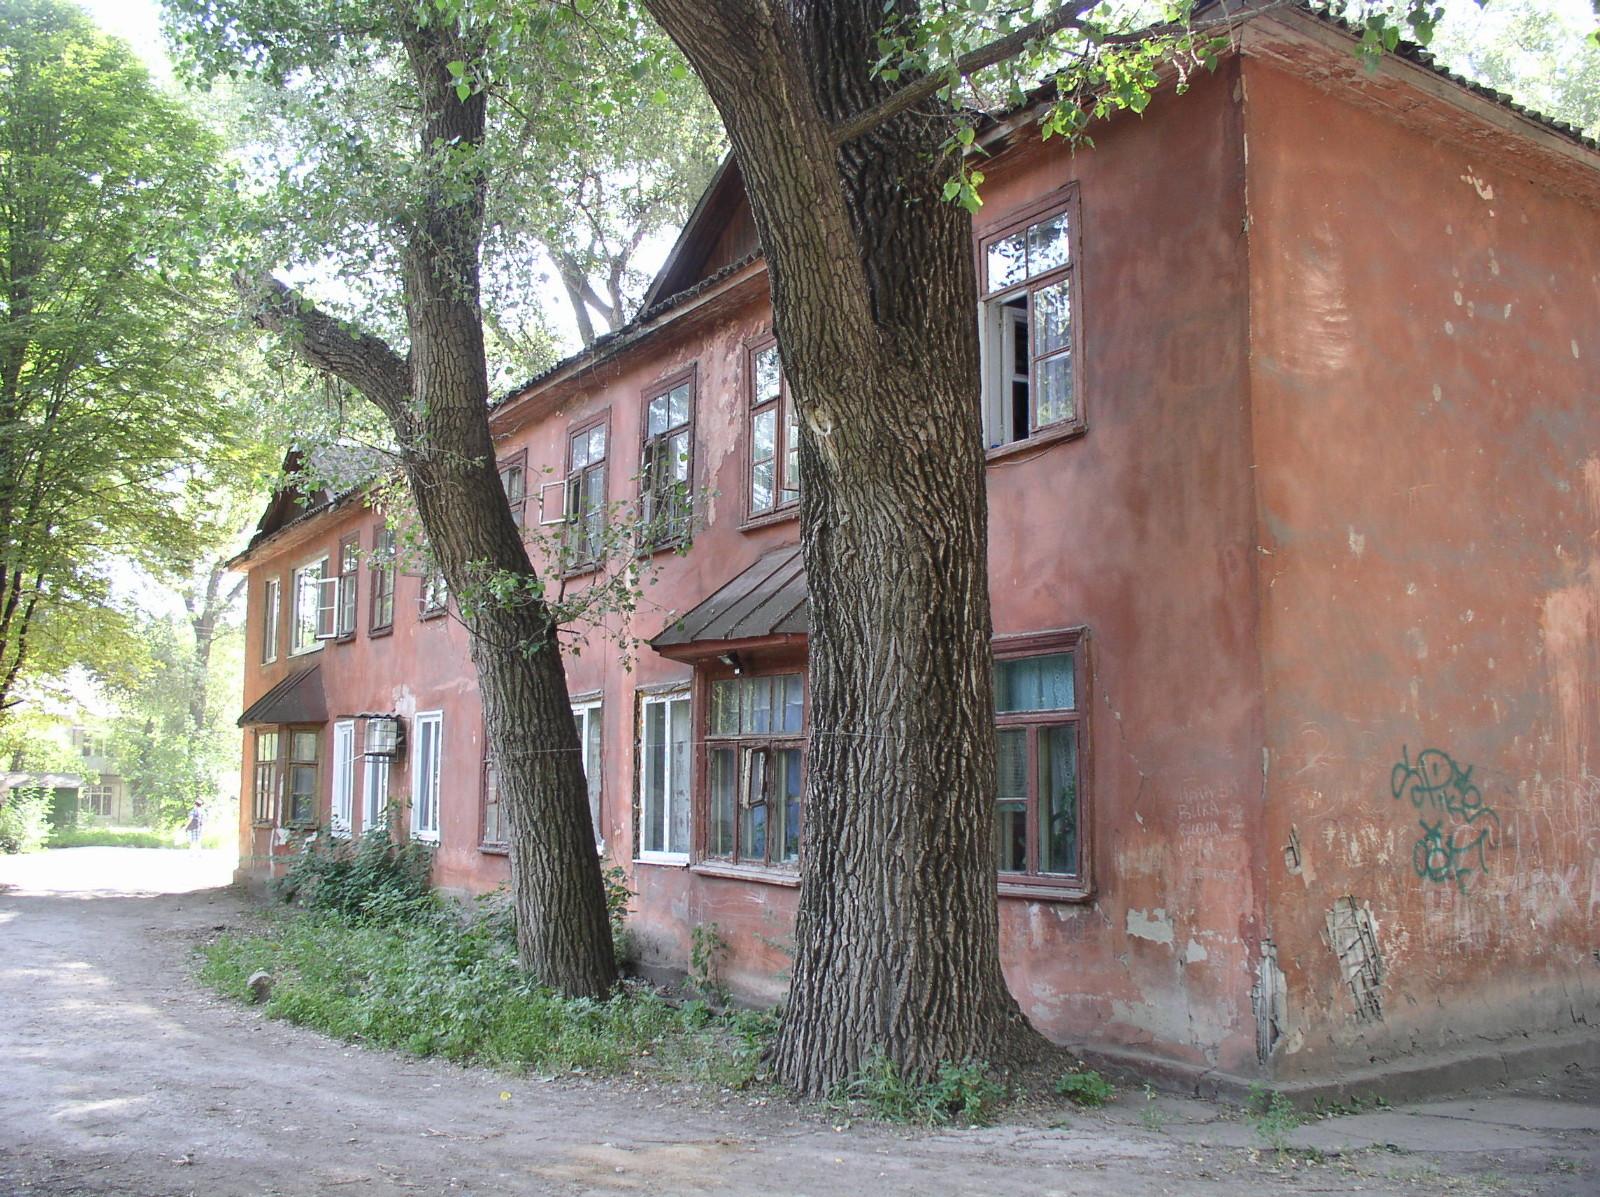 Радаев опереселении городских жителей изаварийного жилья: «Процесс налажен»